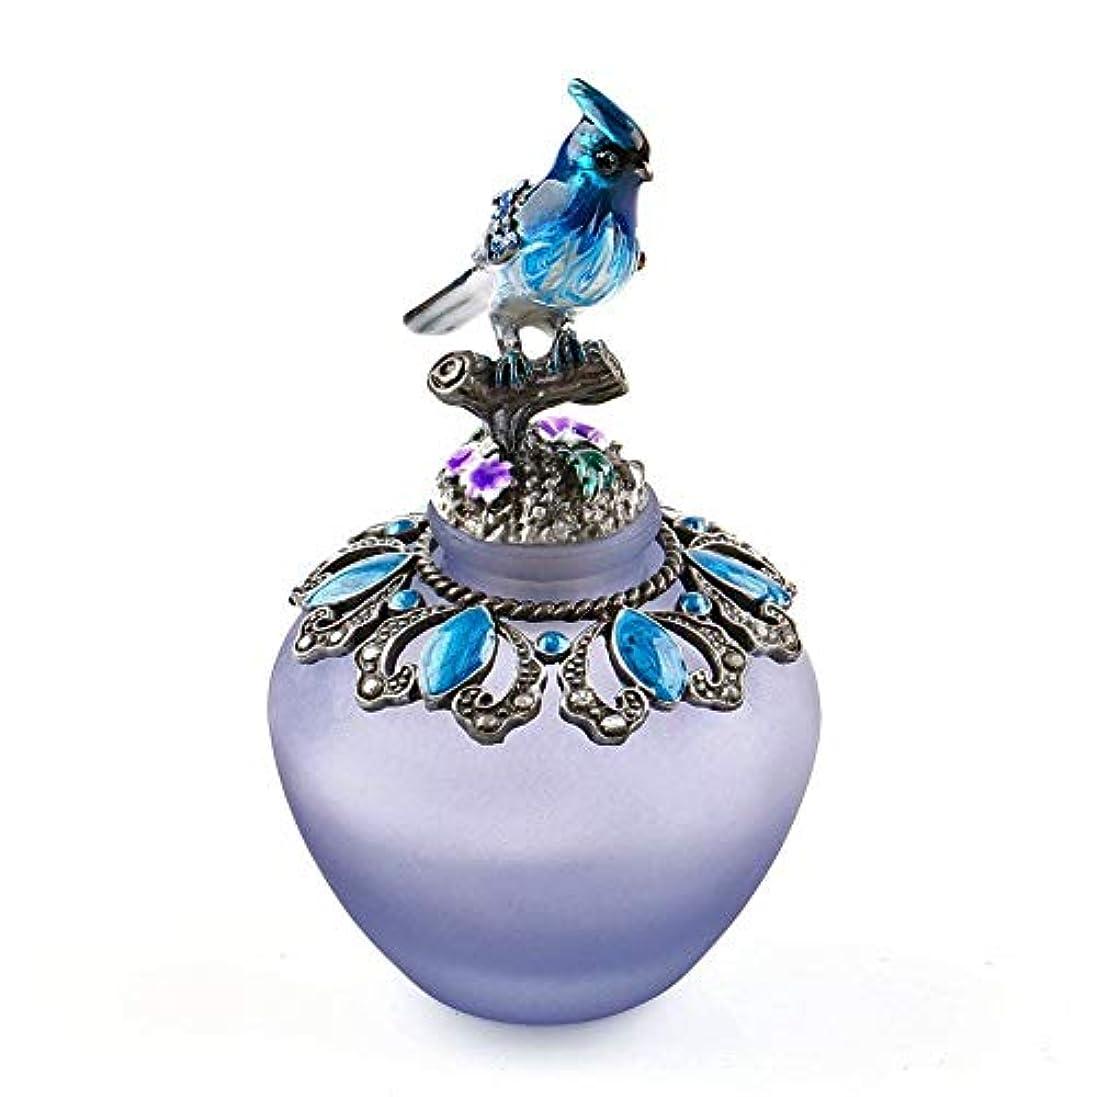 知らせる棚バンジージャンプEasyRaku 高品質 美しい香水瓶 鳥40ML ガラスアロマボトル 綺麗アンティーク調欧風デザイン クリスマスプレゼント 結婚式 飾り